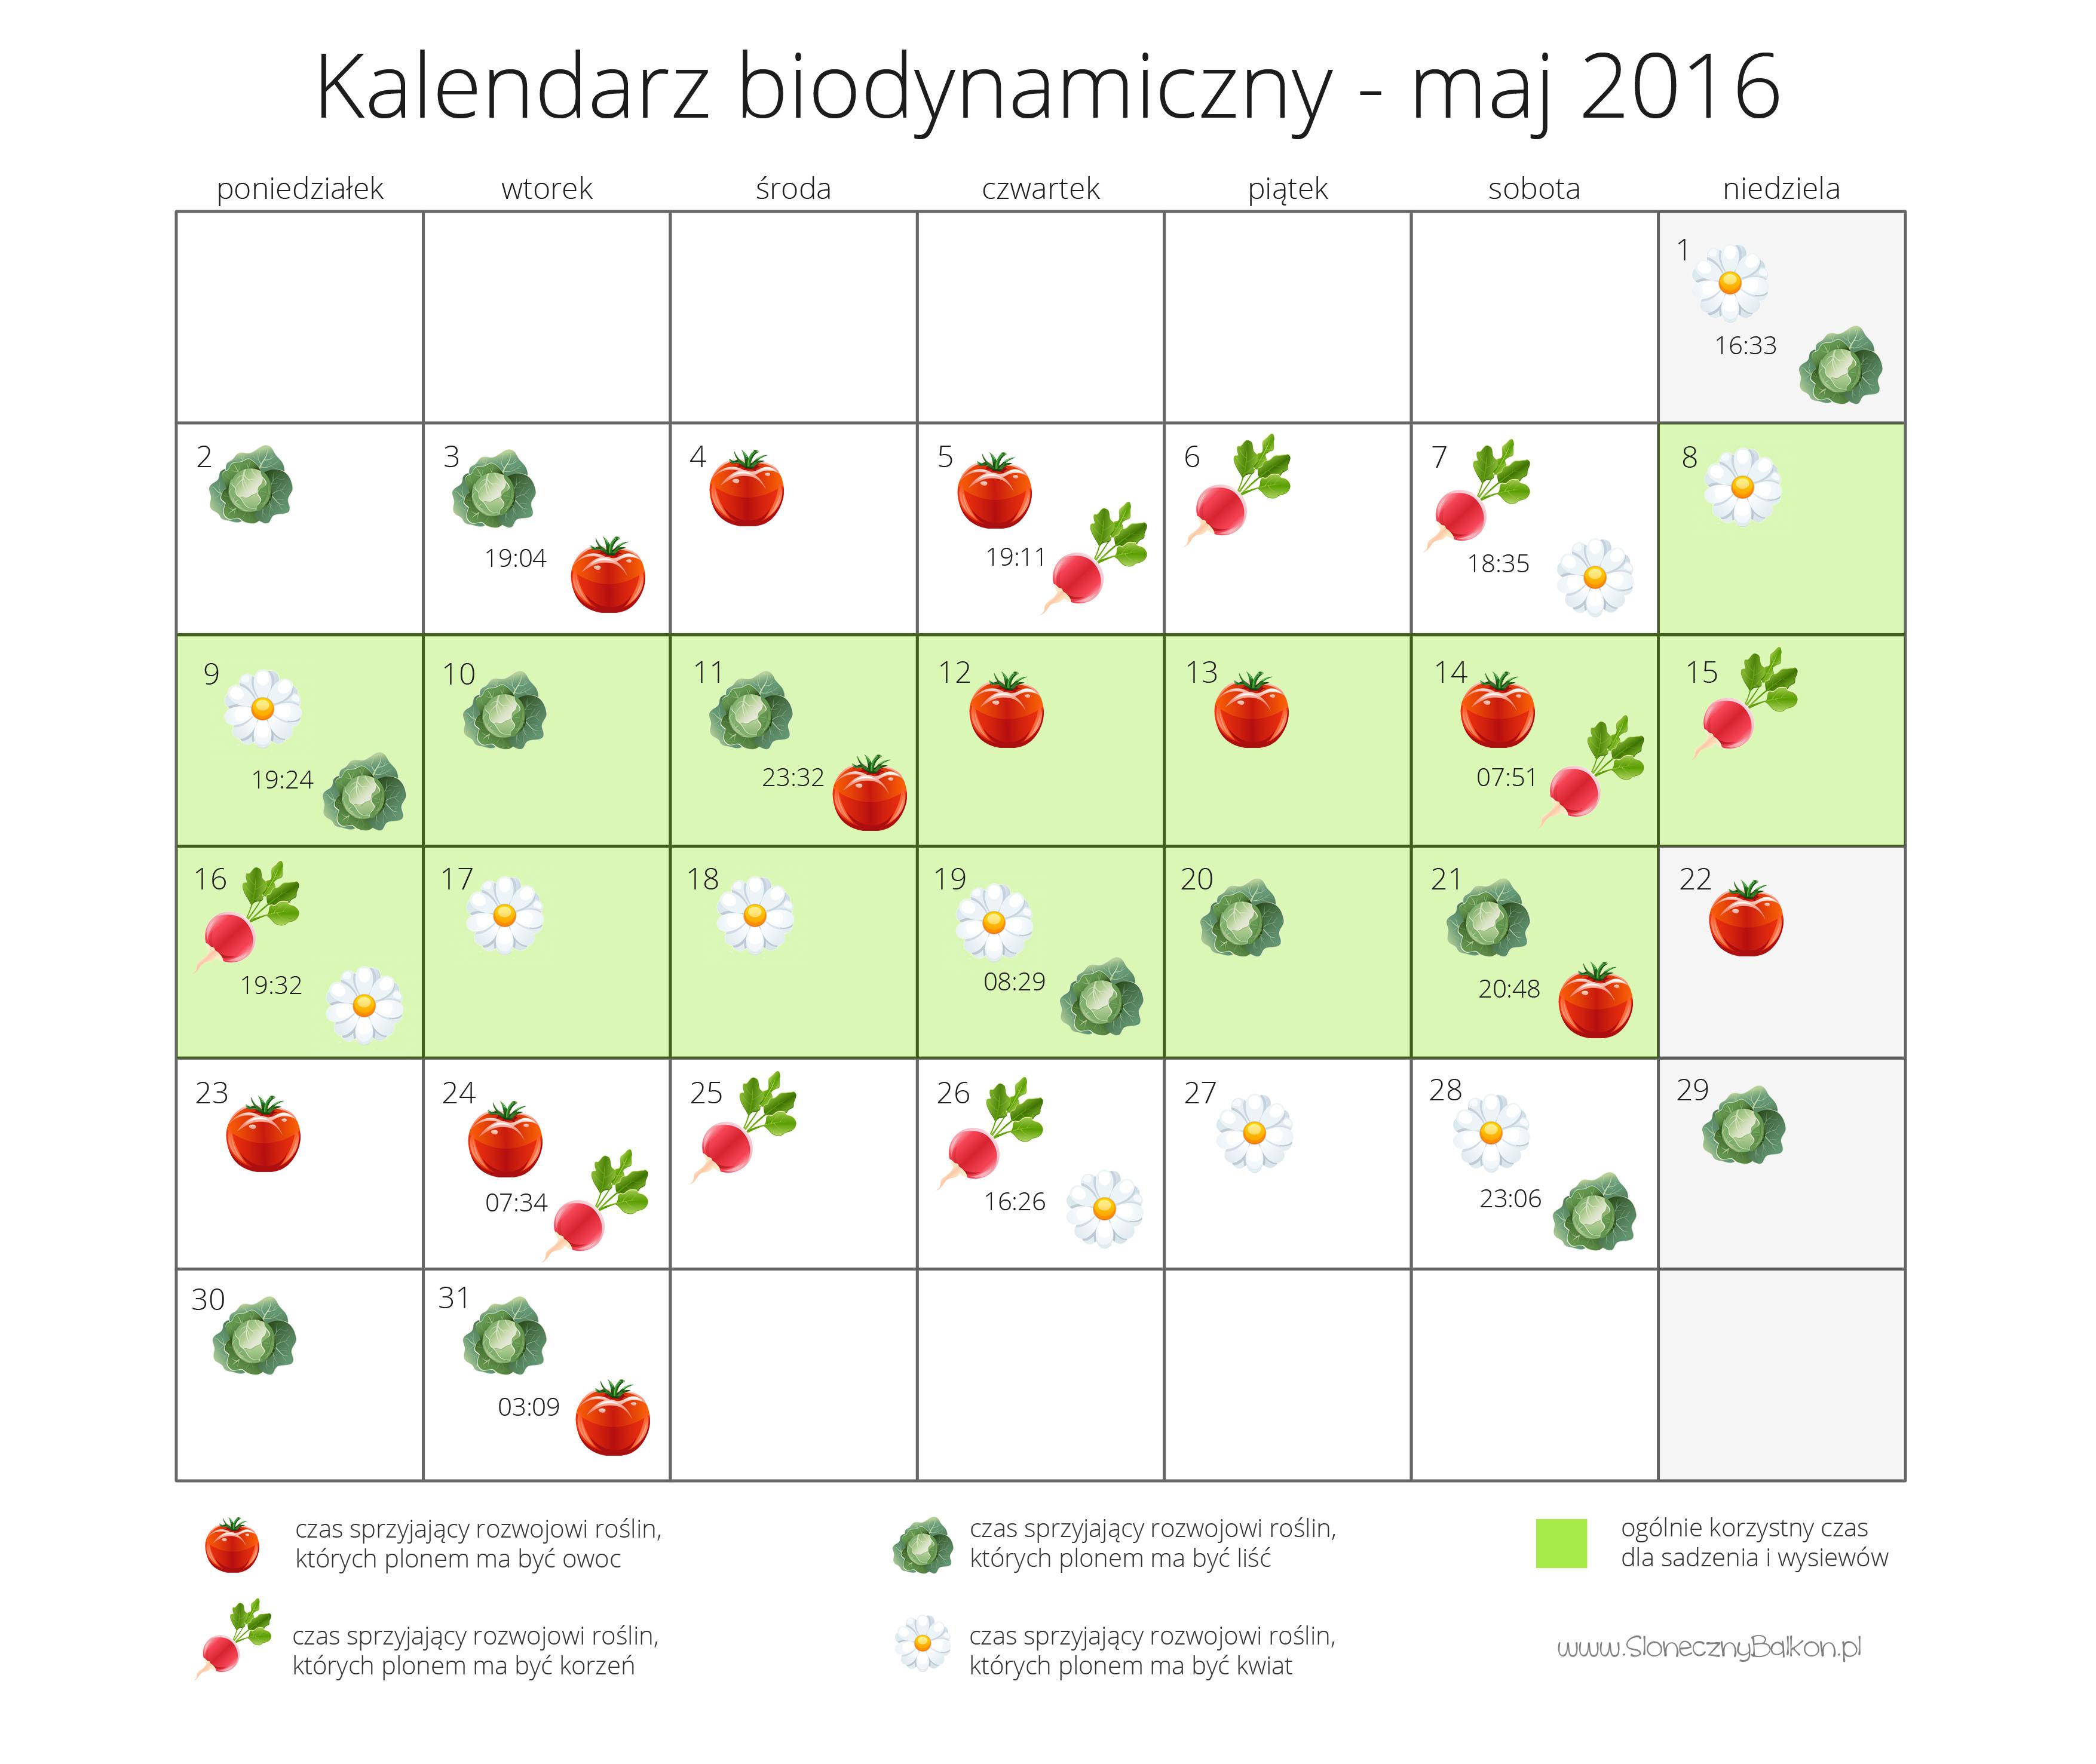 kalendarz biodynamiczny maj 2016